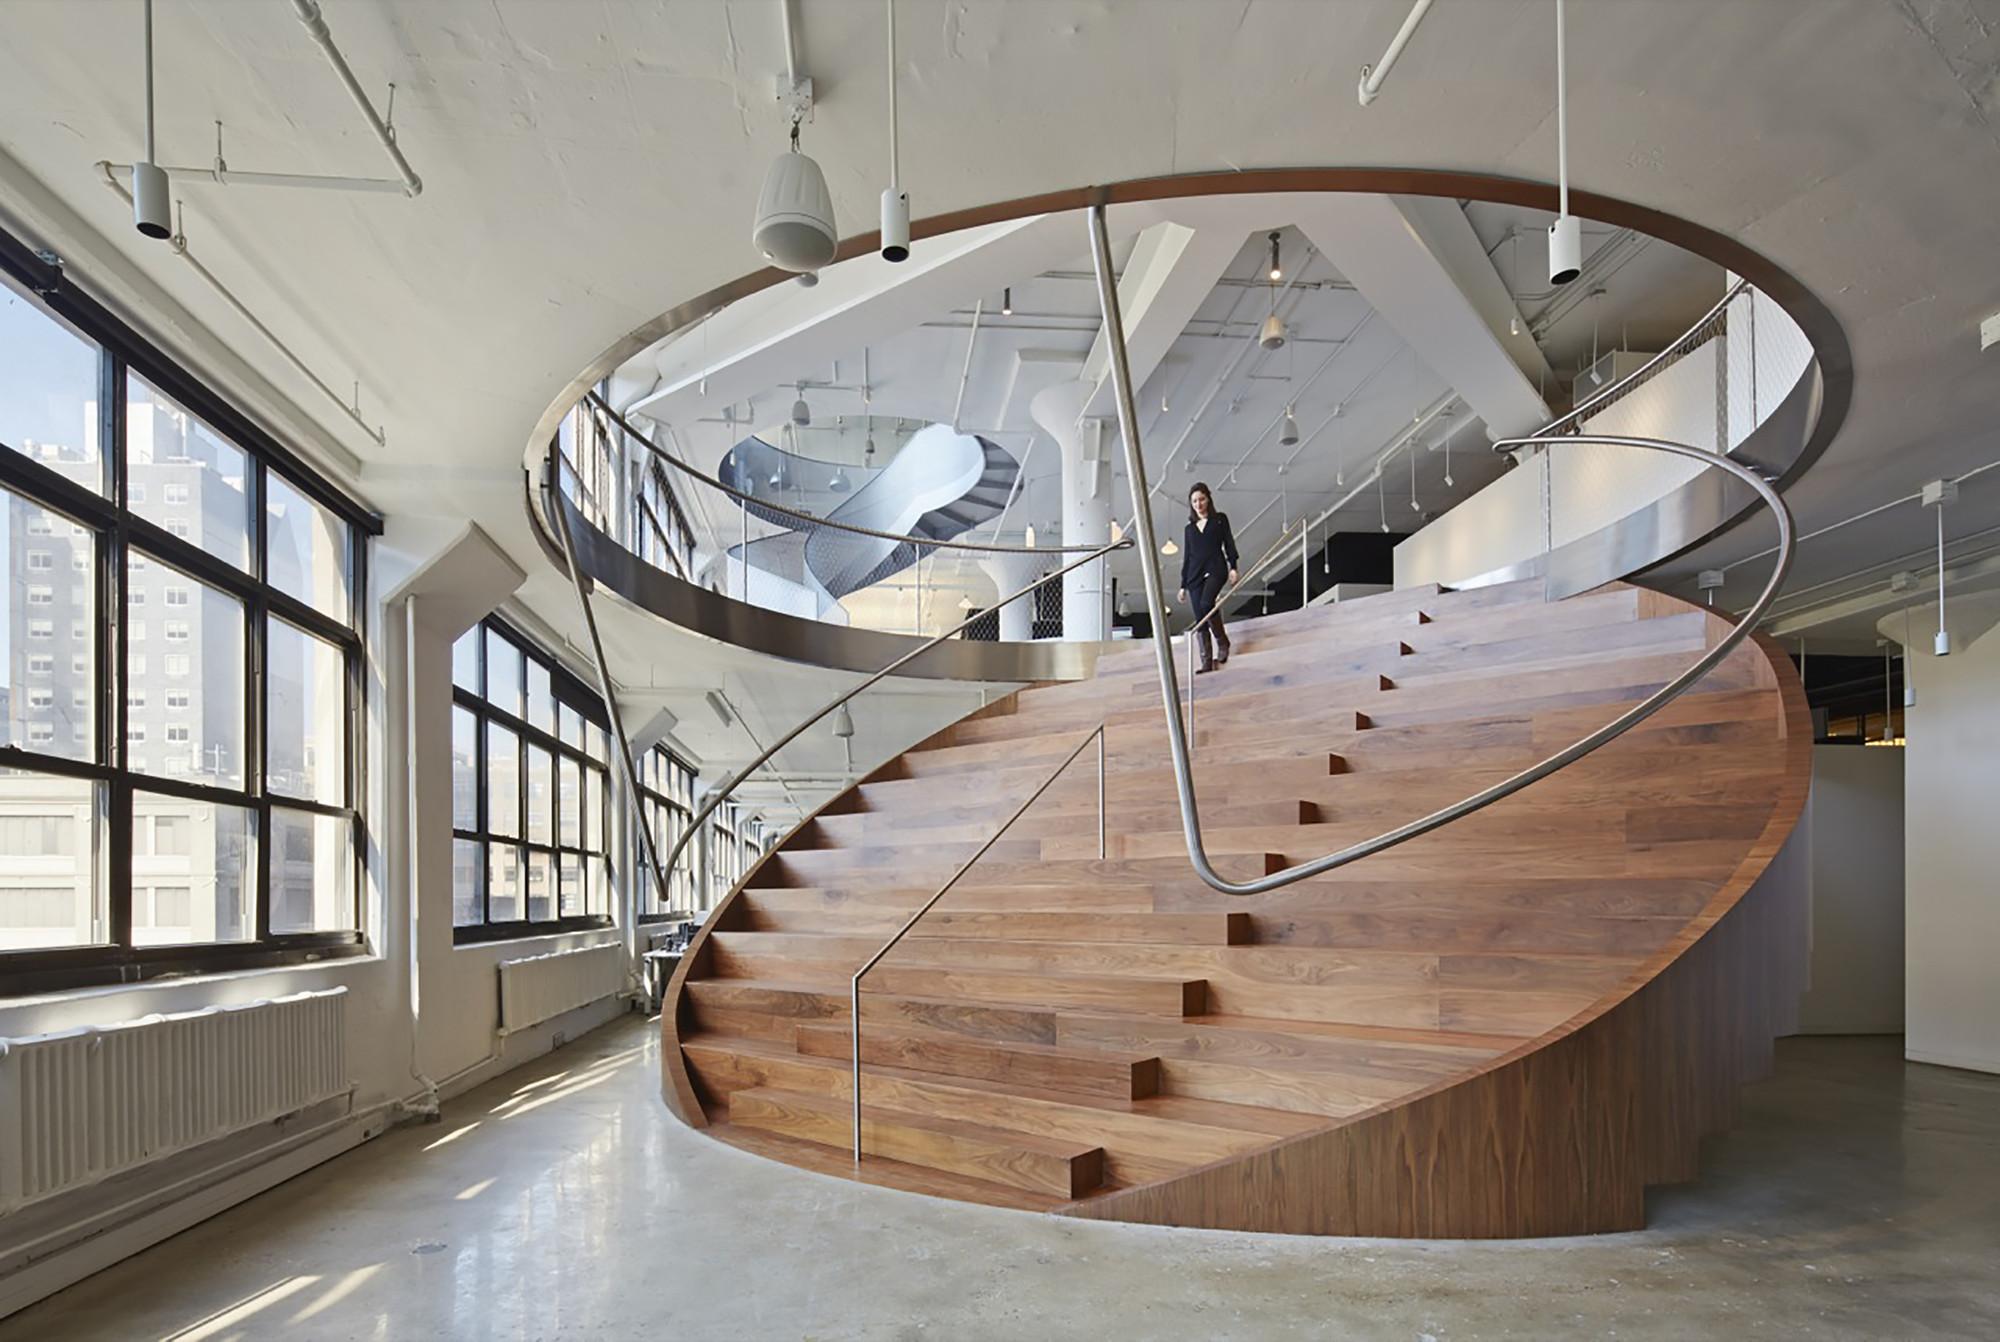 10 תכניות לעיצוב משרדים, החושבים מחדש על צורות עבודה